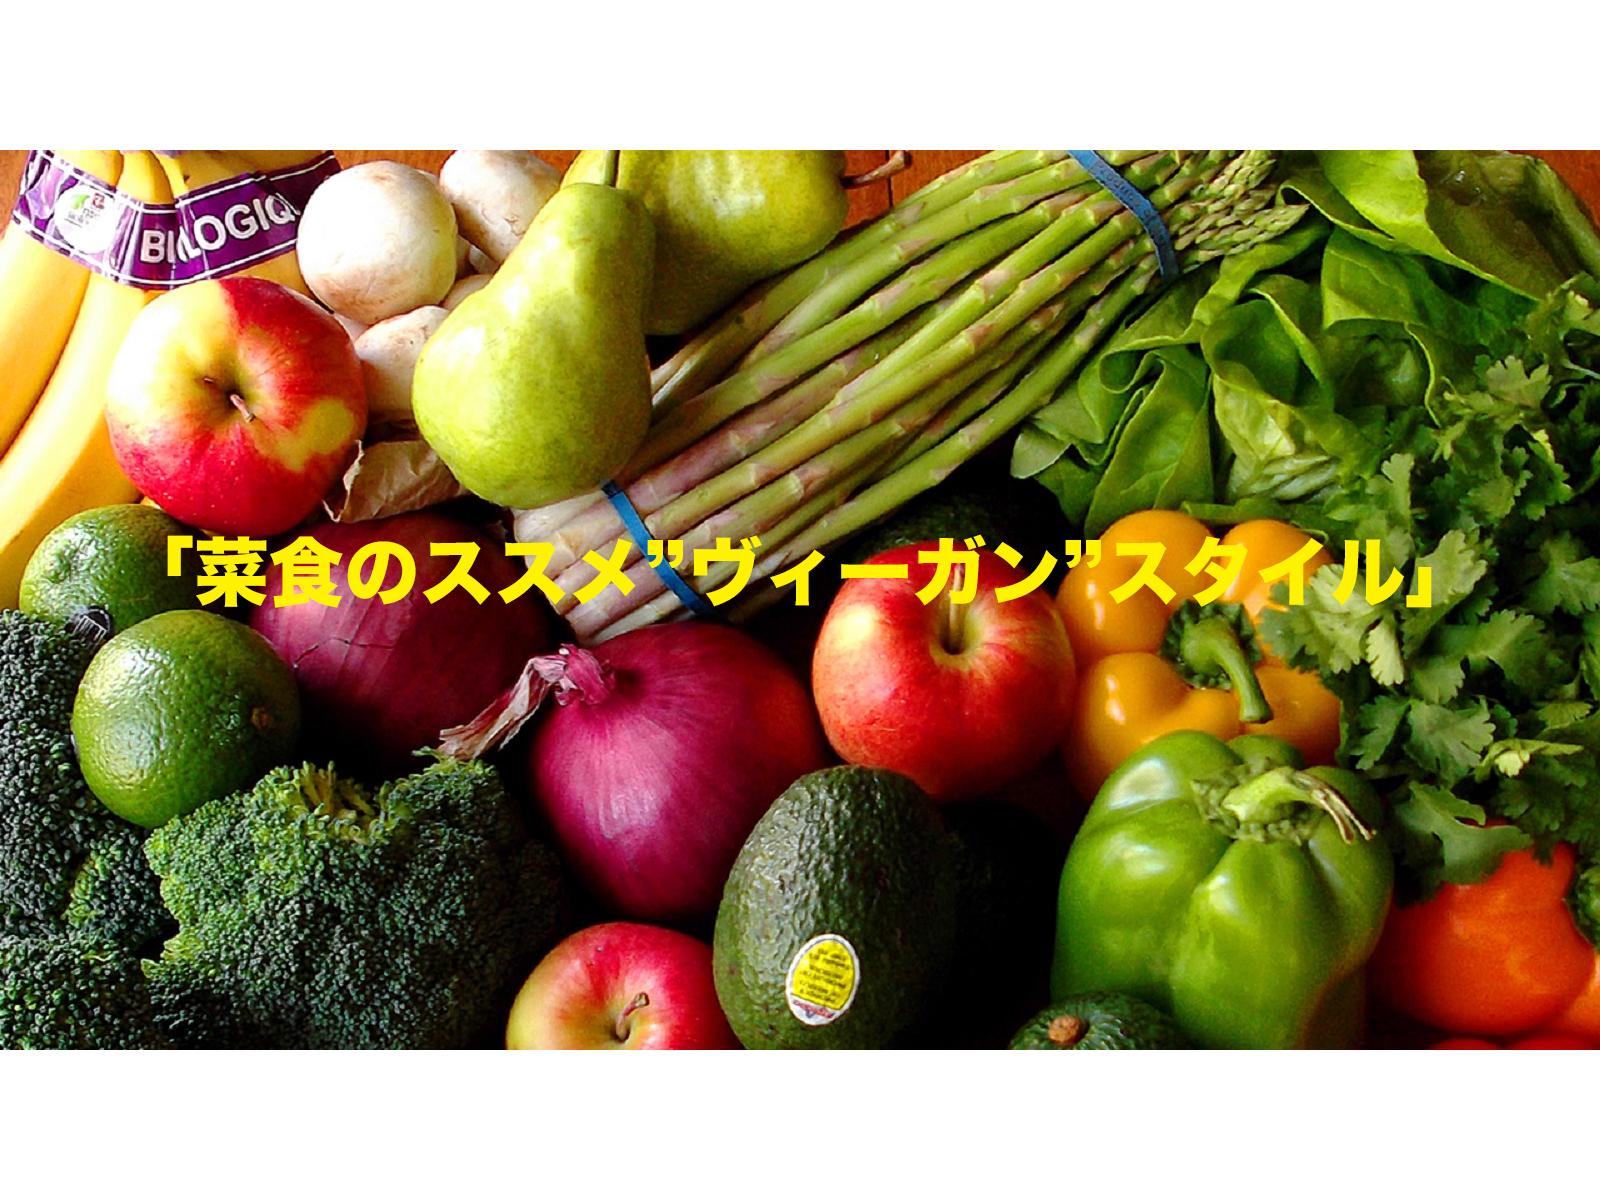 """コラム : 菜食のススメ""""ヴィーガン""""スタイル"""